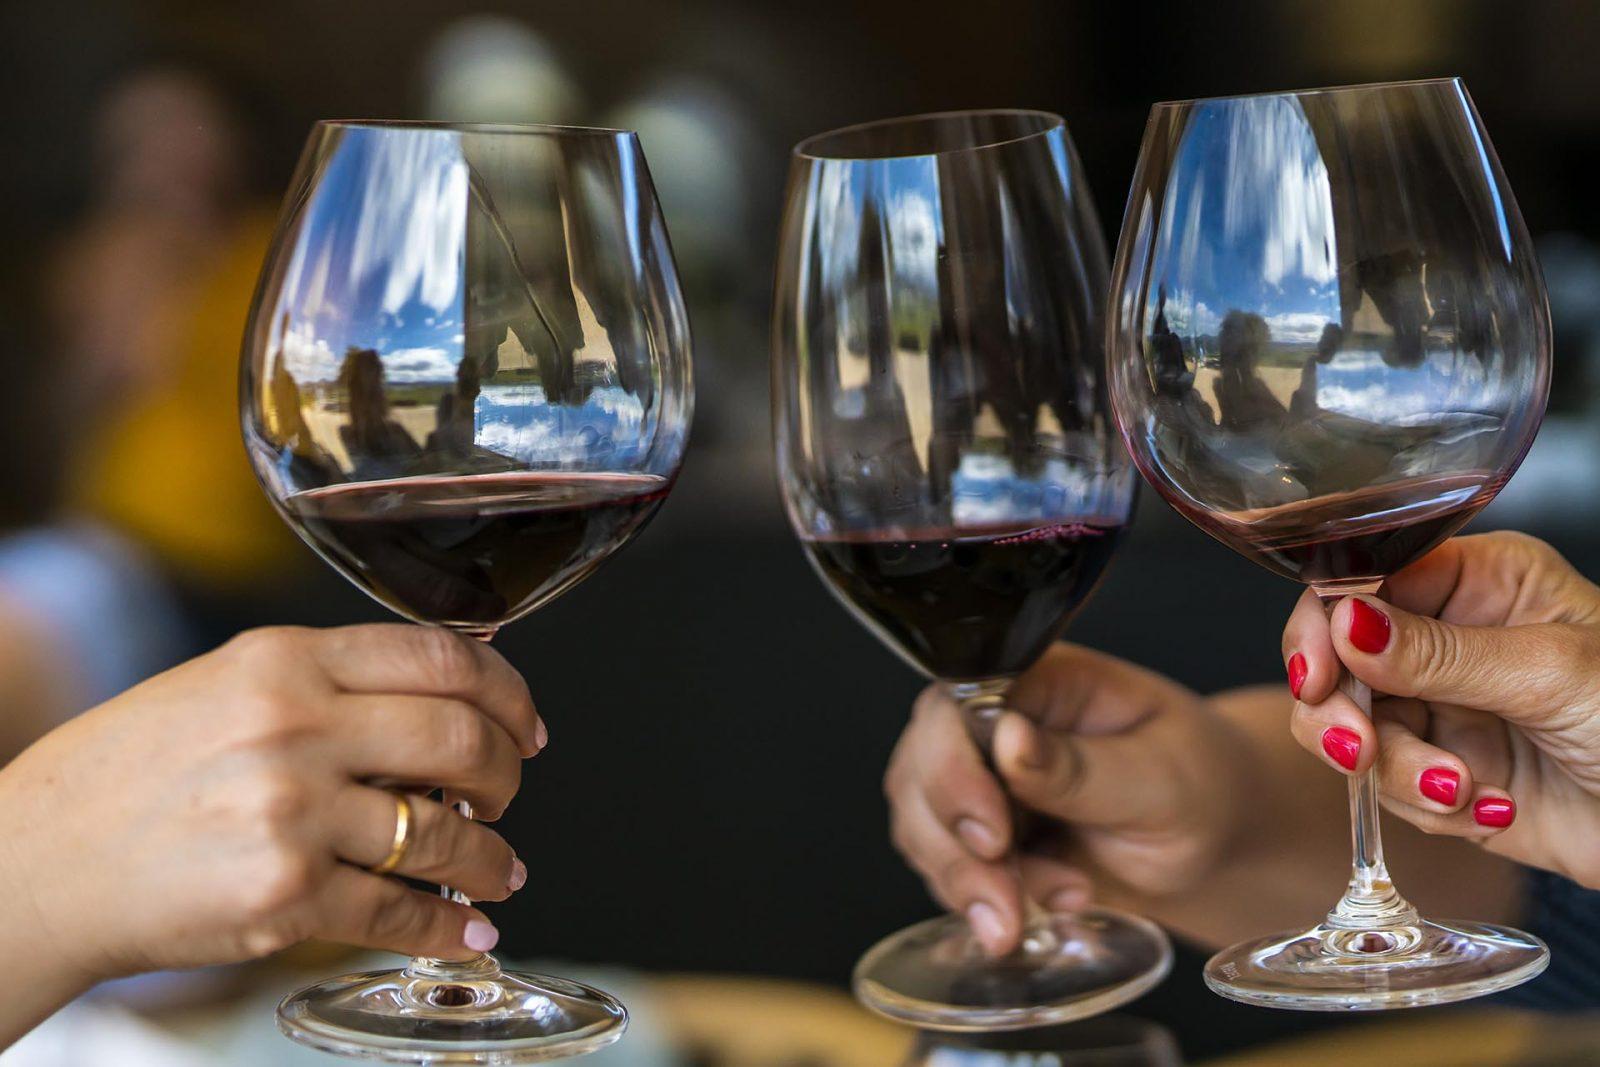 Rượu vang Chile thực sự ngonn khi được chia sẻ và cùng thưởng thức